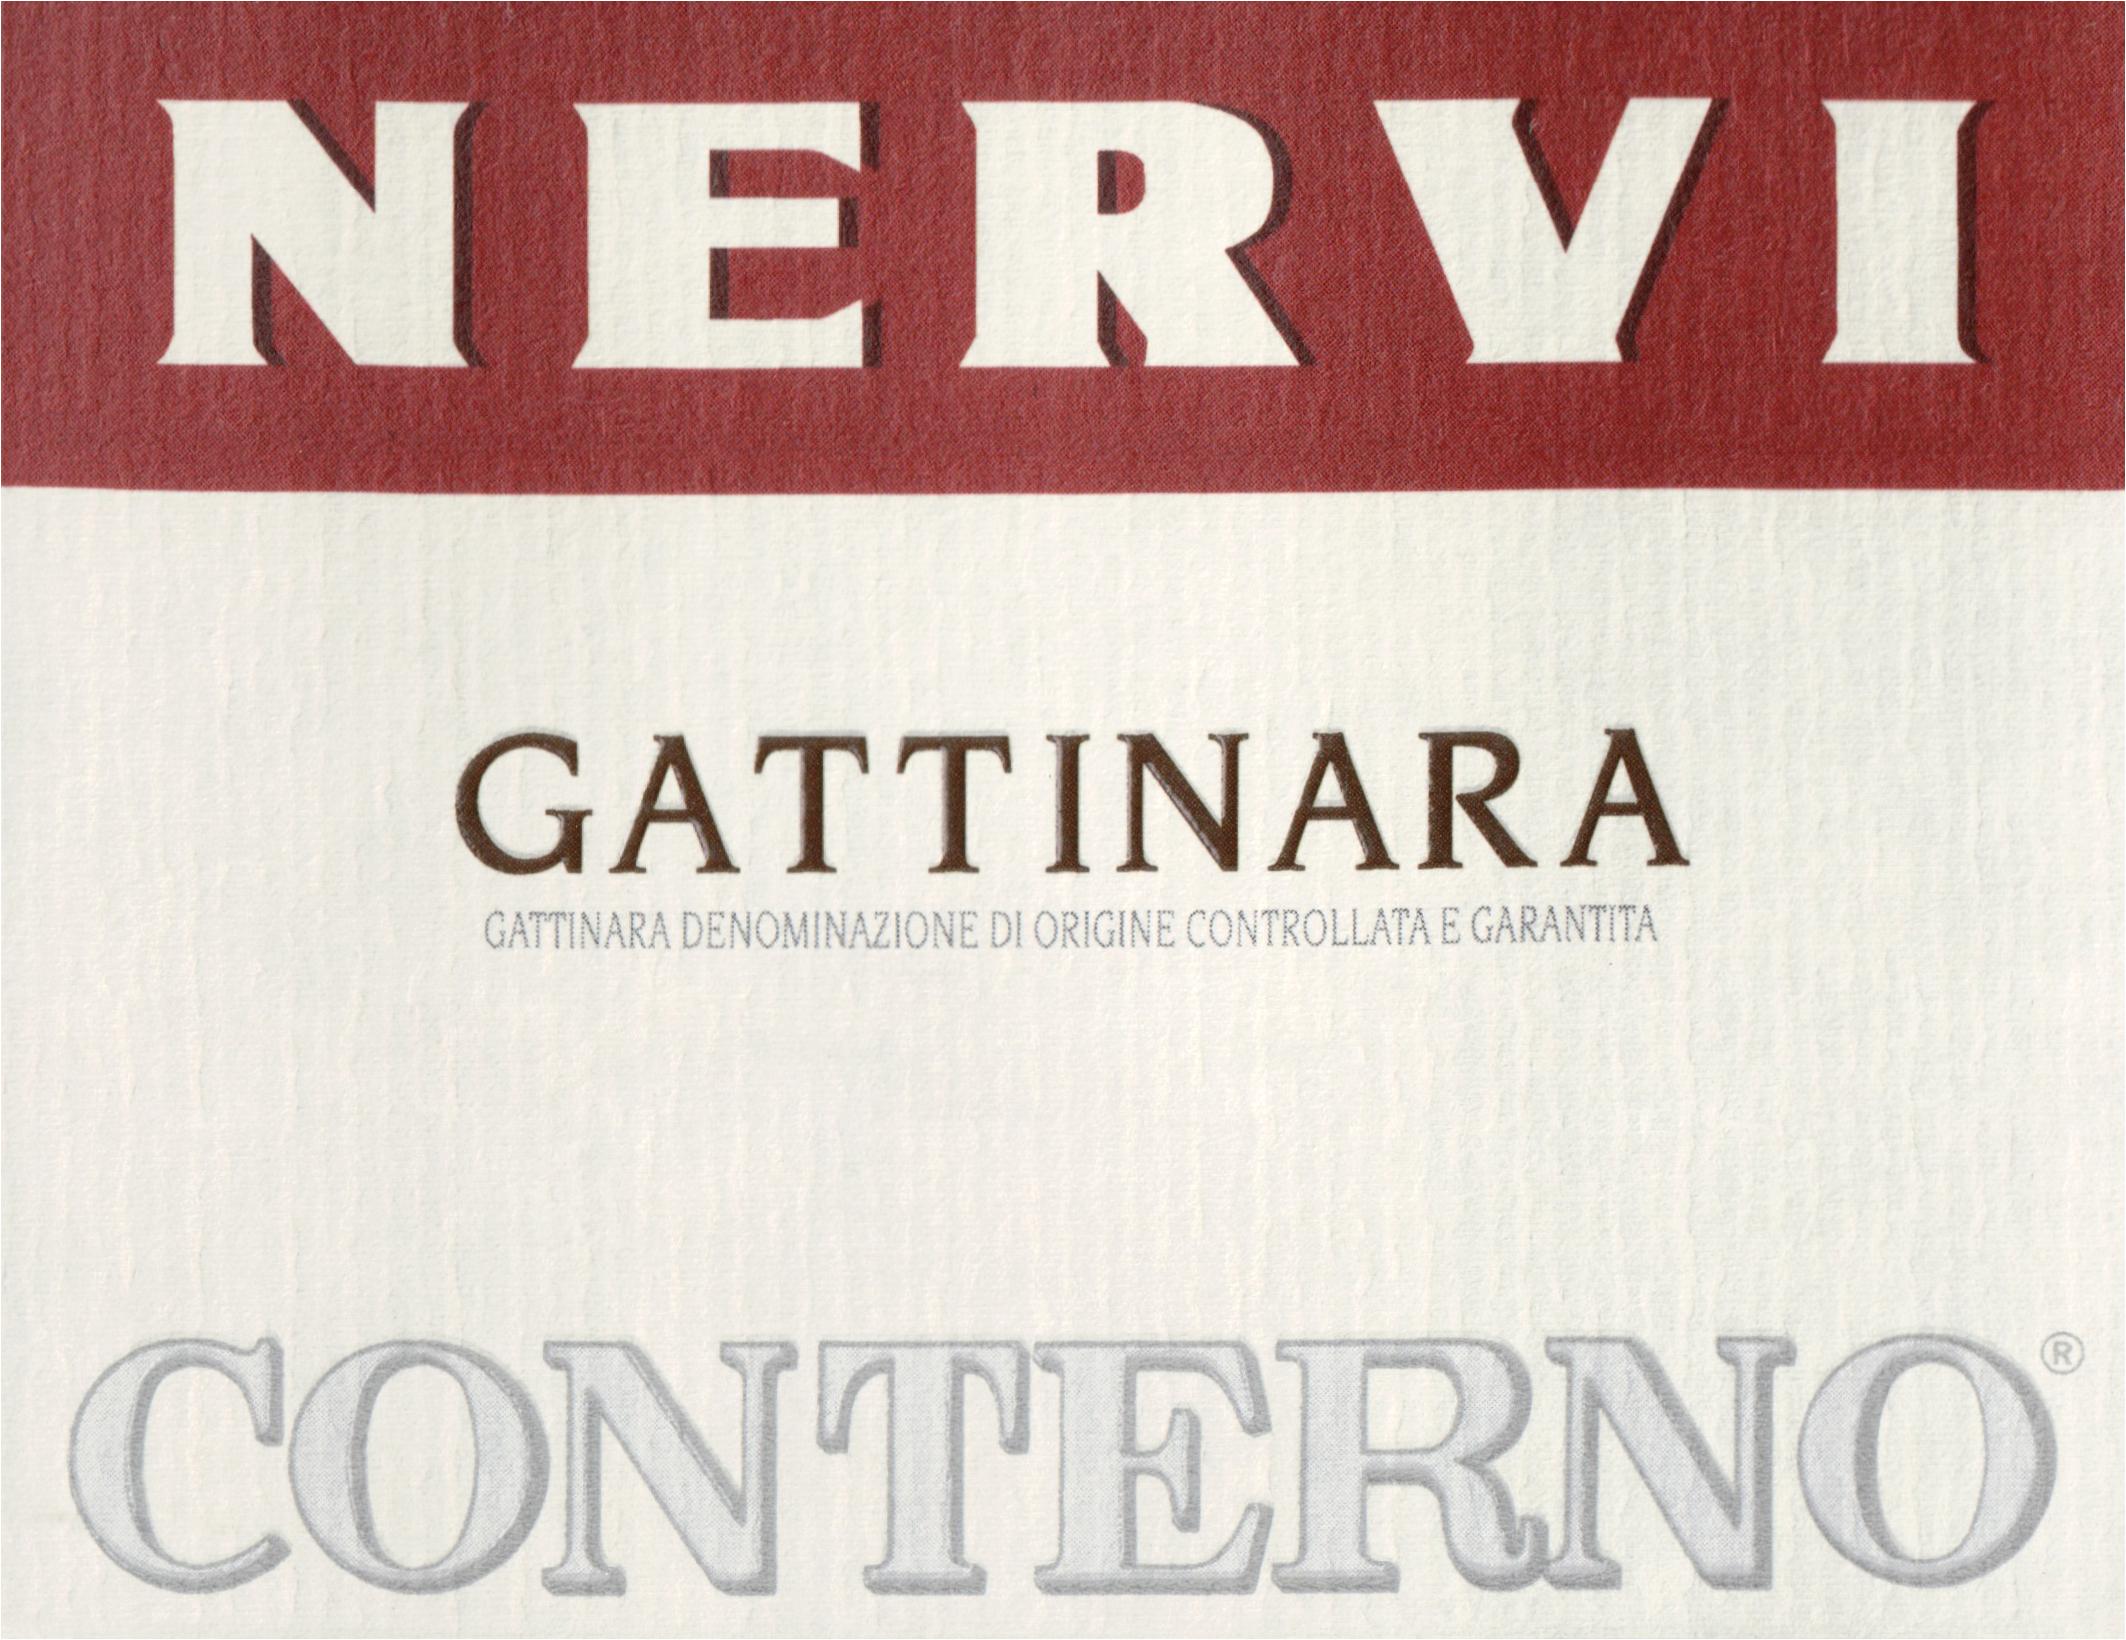 Nervi Conterno Gattinara 2016